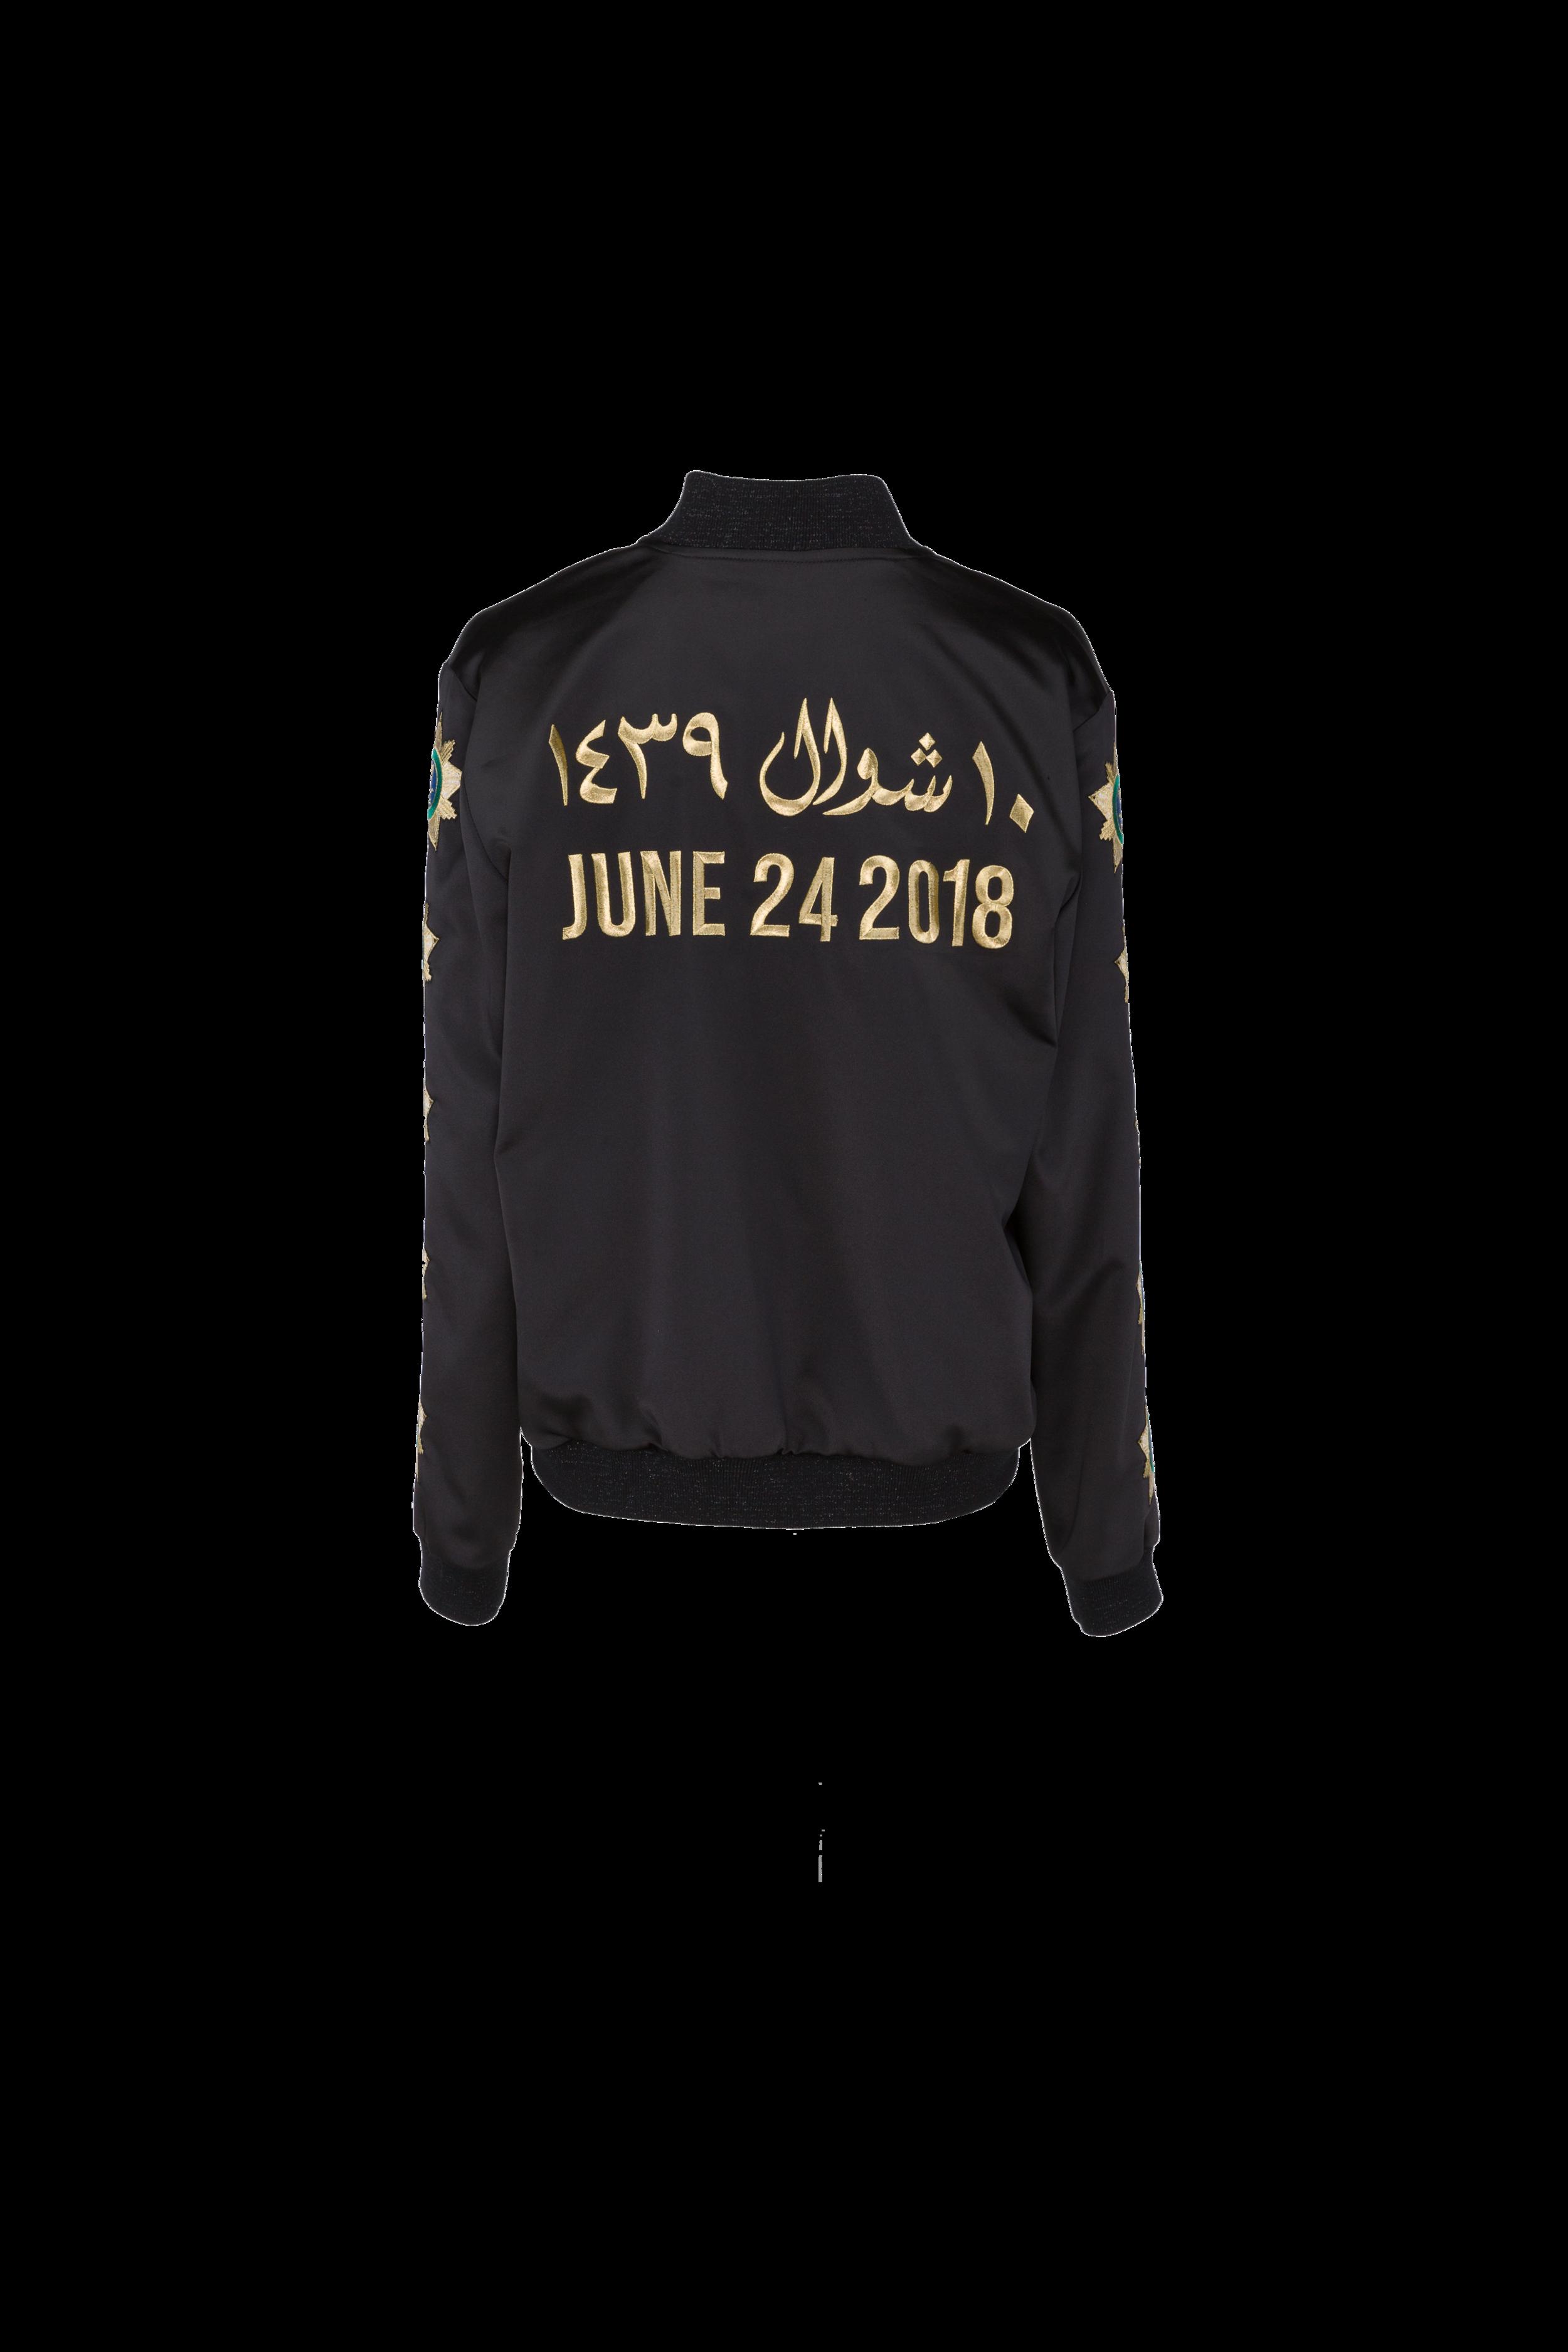 JUNE 24 DRIVING JACKET BLACK/GOLD